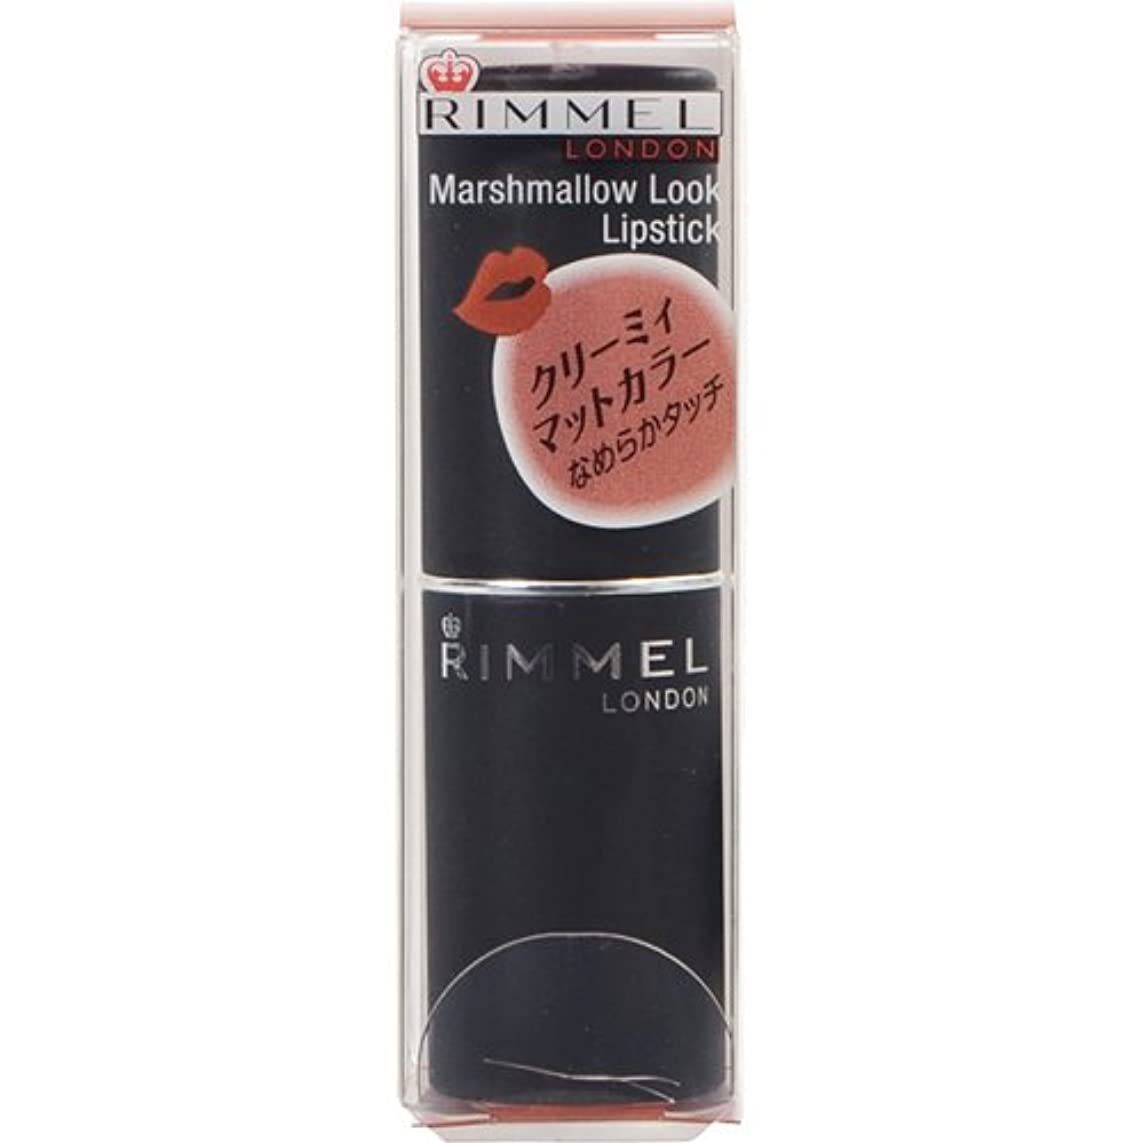 手首レイア機械的リンメル マシュマロルック リップスティック 022 ピンクブラウン 3.8g